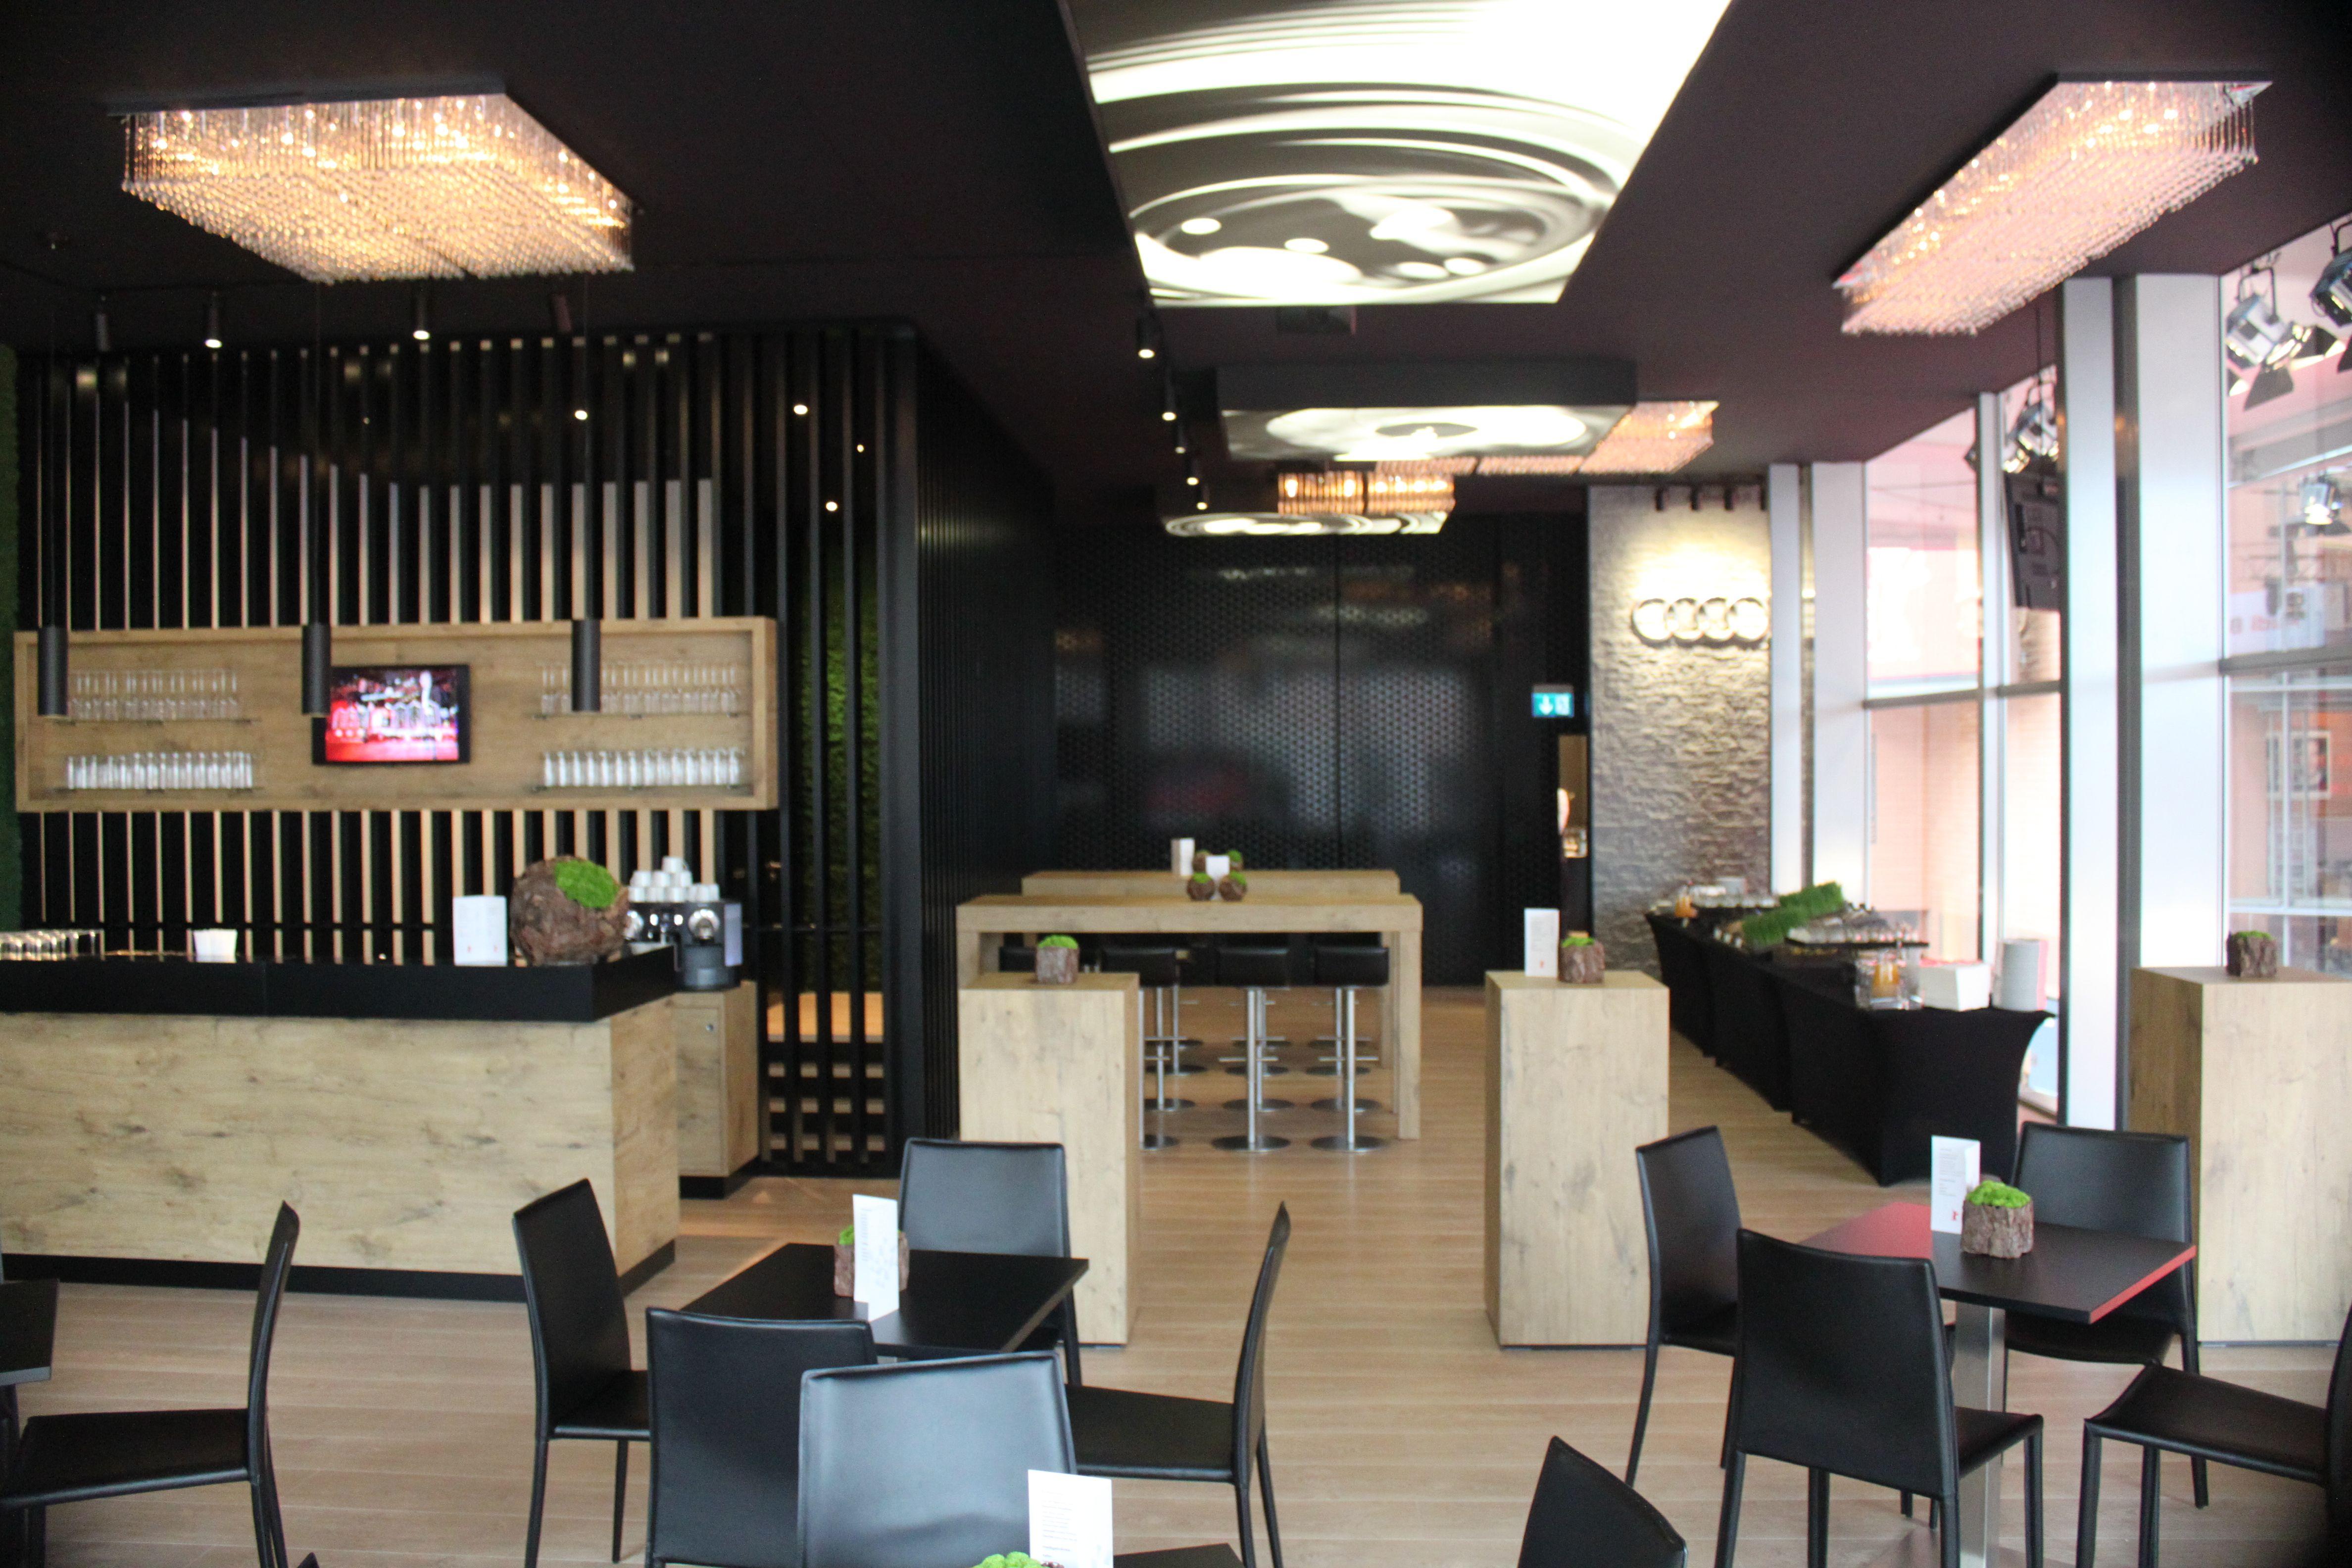 Neueste Restaurant Potsdamer Platz Design-ideen - Garten-Design-Ideen